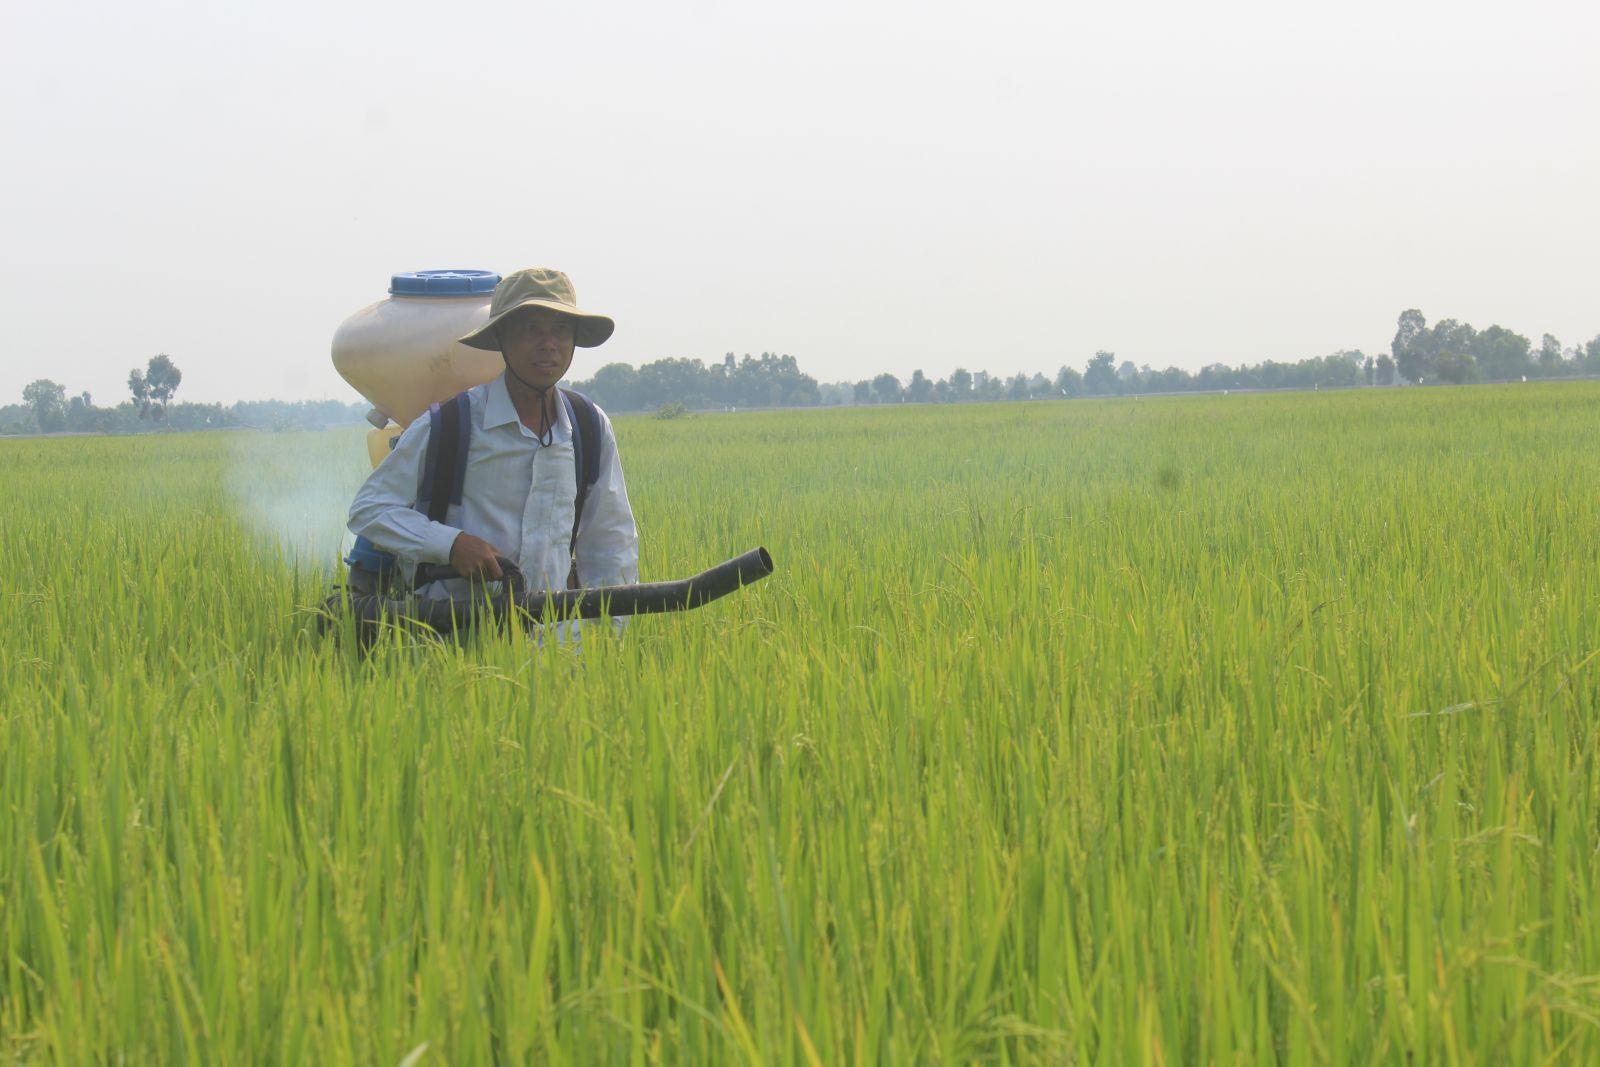 Giá phân bón tăng, nhiều nông dân lo lắng, bởi vụ Hè Thu này, mỗi hécta trồng lúa tăng từ 2-3 bao phân bón so với vụ Đông Xuân